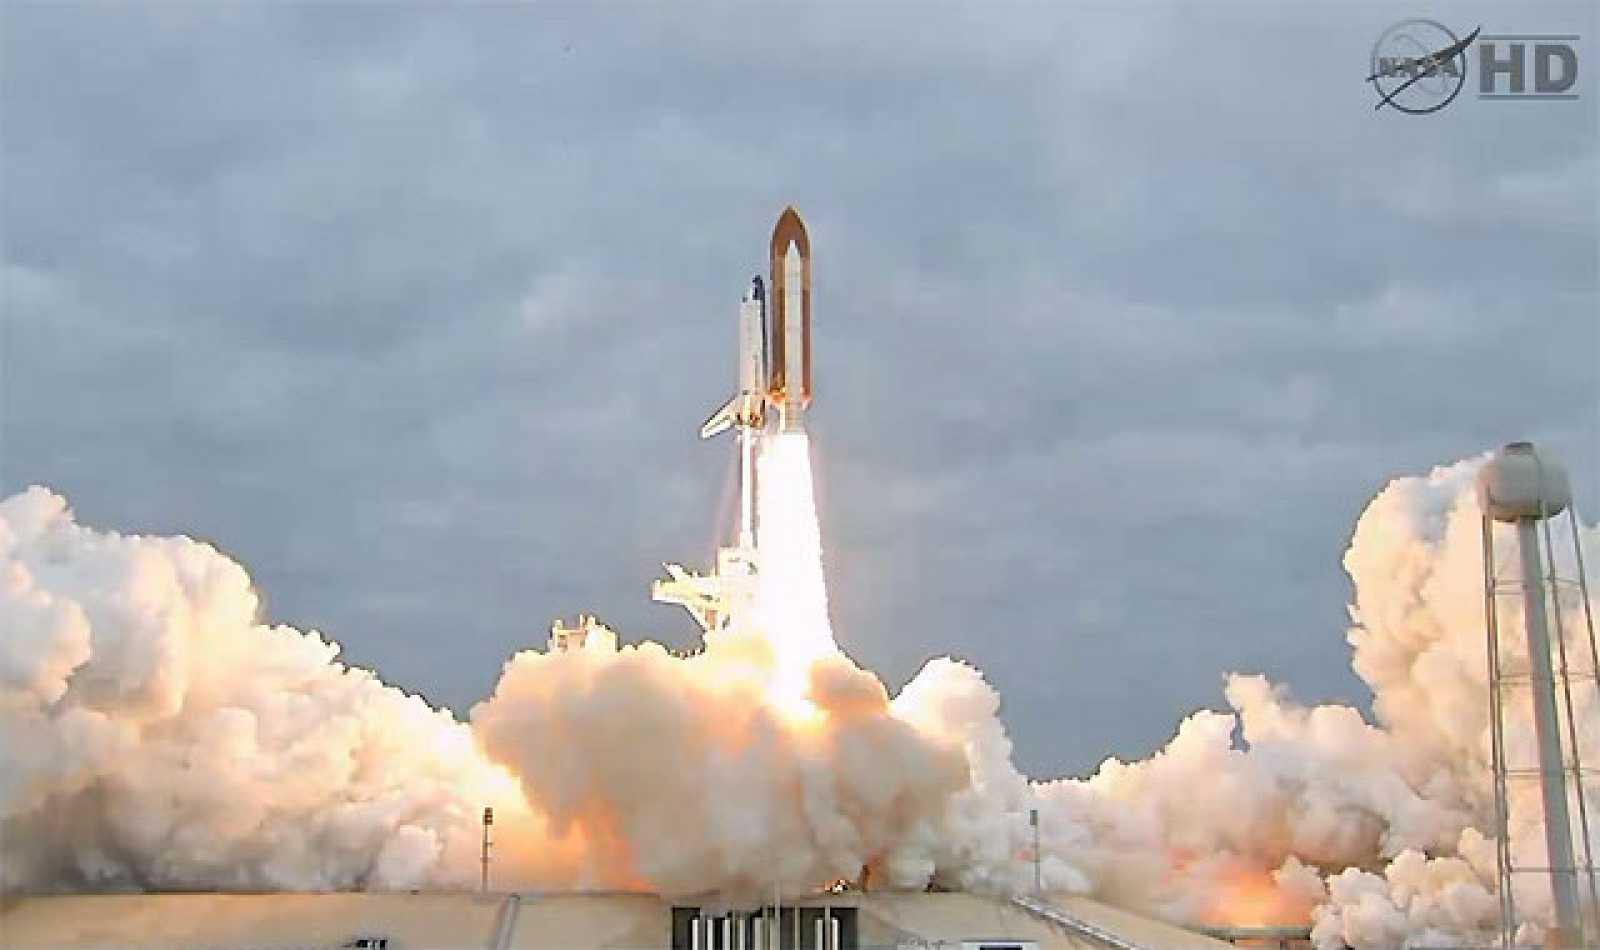 Tras varios aplazamientos el transbordador Endeavour ha despegado con éxito rumbo a su última misión. El lanzamiento se ha producido desde el Centro Espacial Kennedy a las 14:56 hora peninsular.